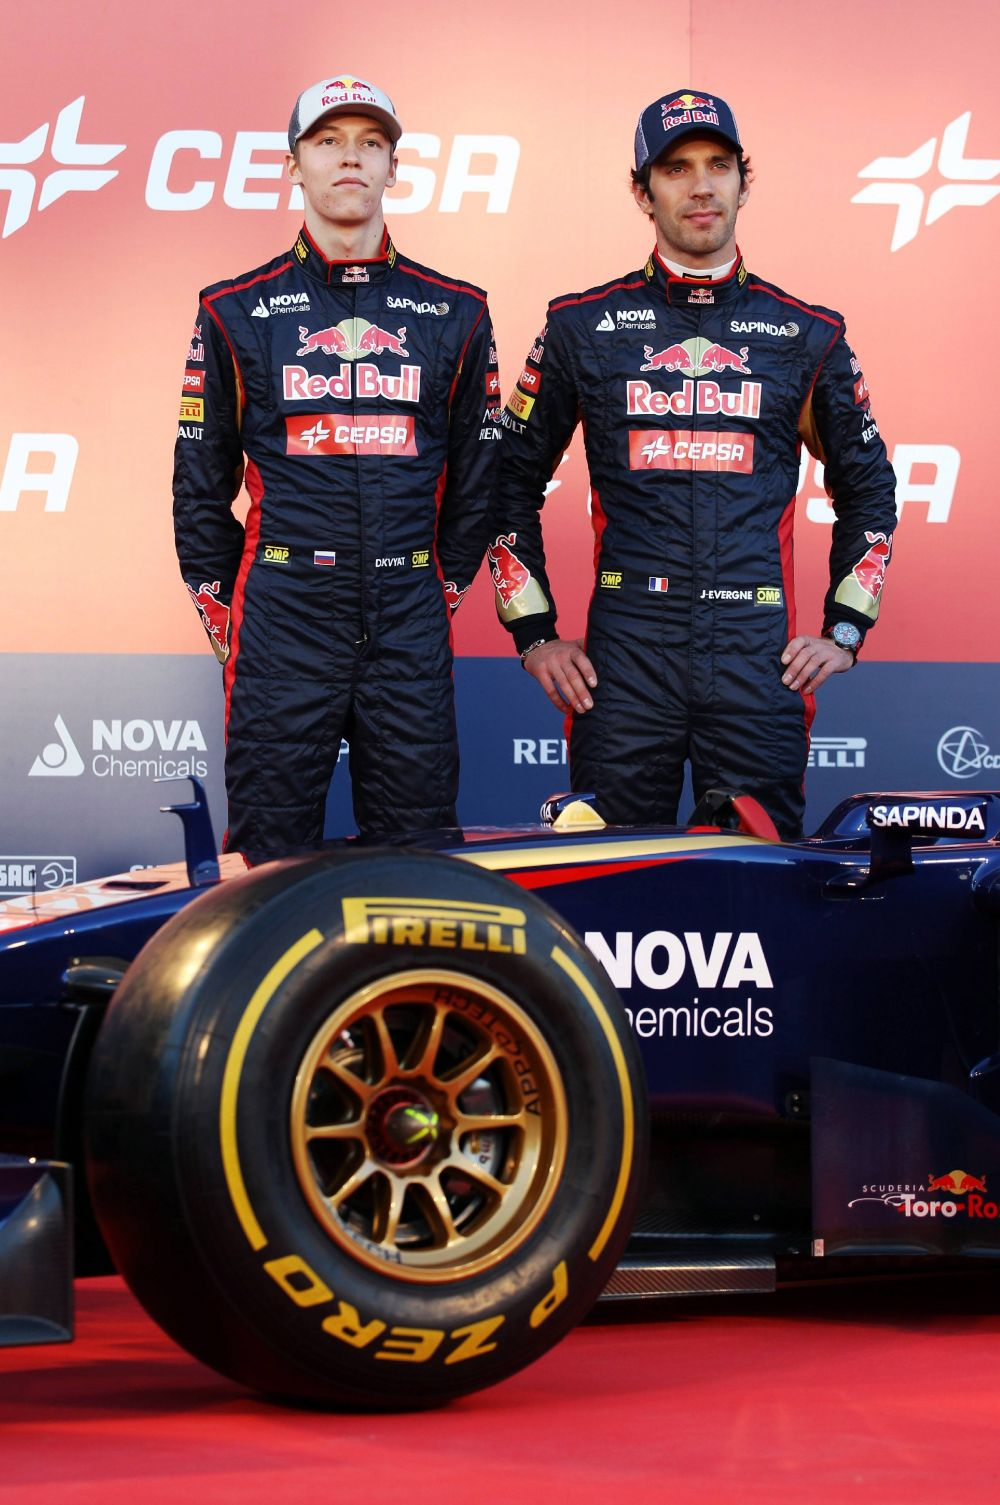 Напарником Квята (слева) станет француз Жан-Эрик Вернь, куда более опытный гонщик, для которого предстоящий сезон будет уже третьим в Формуле-1.